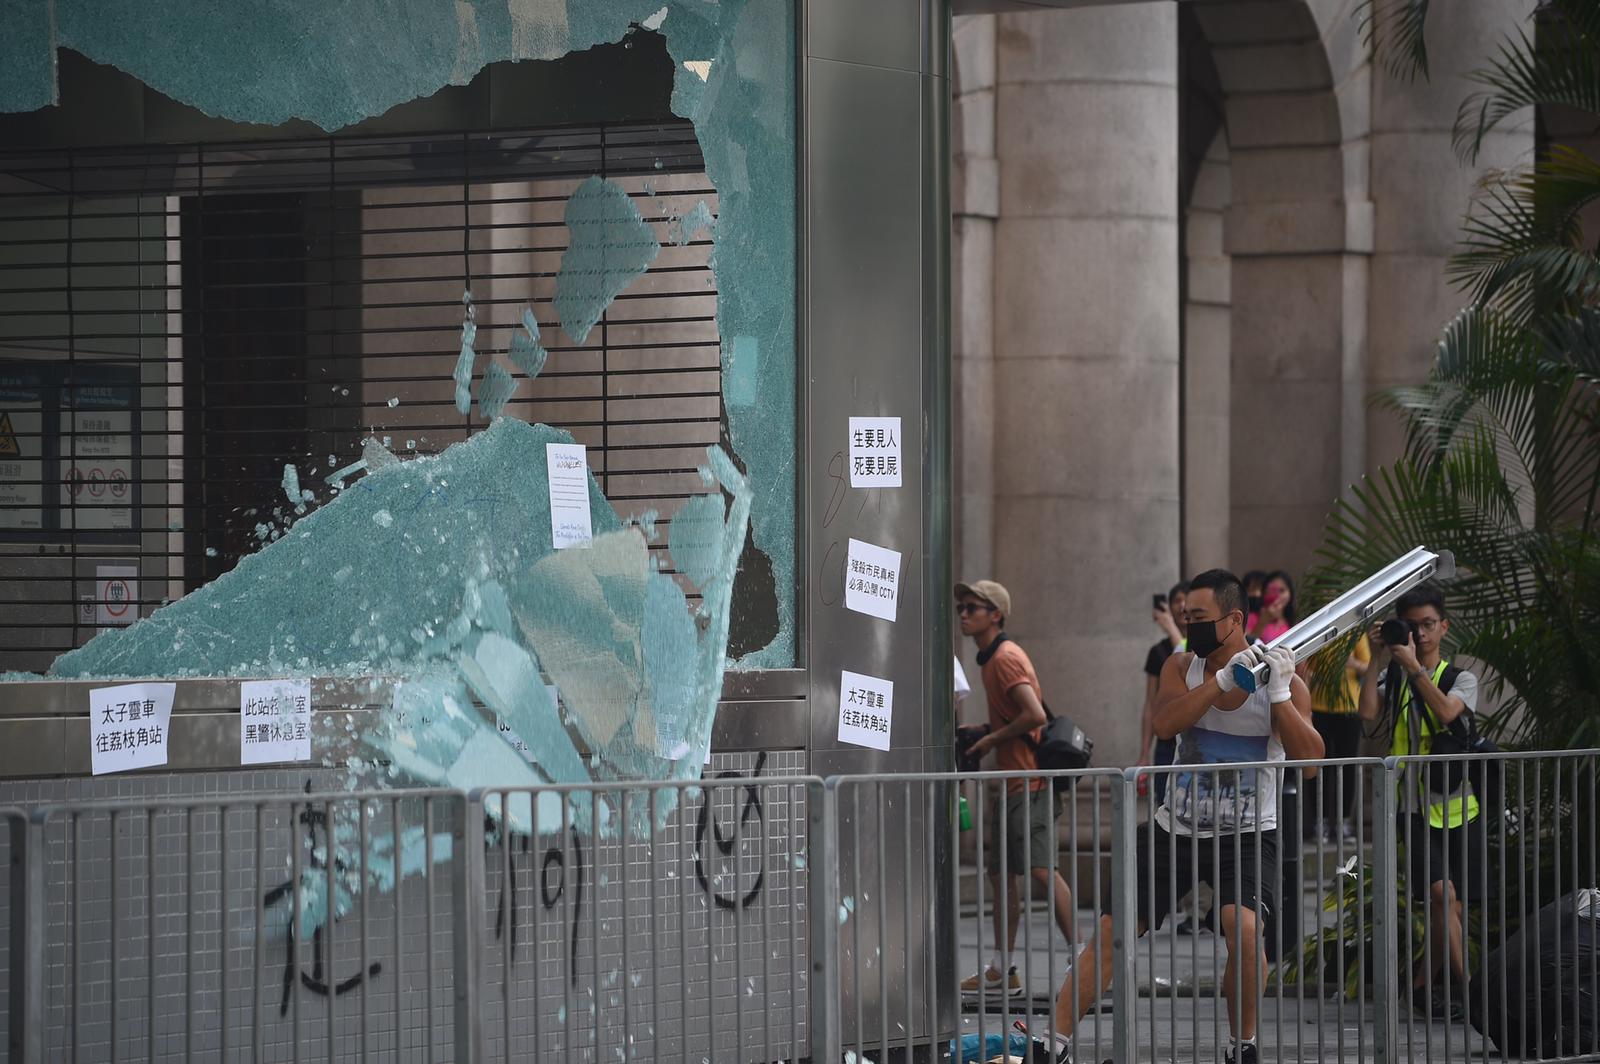 有示威者破壞中環站設施。